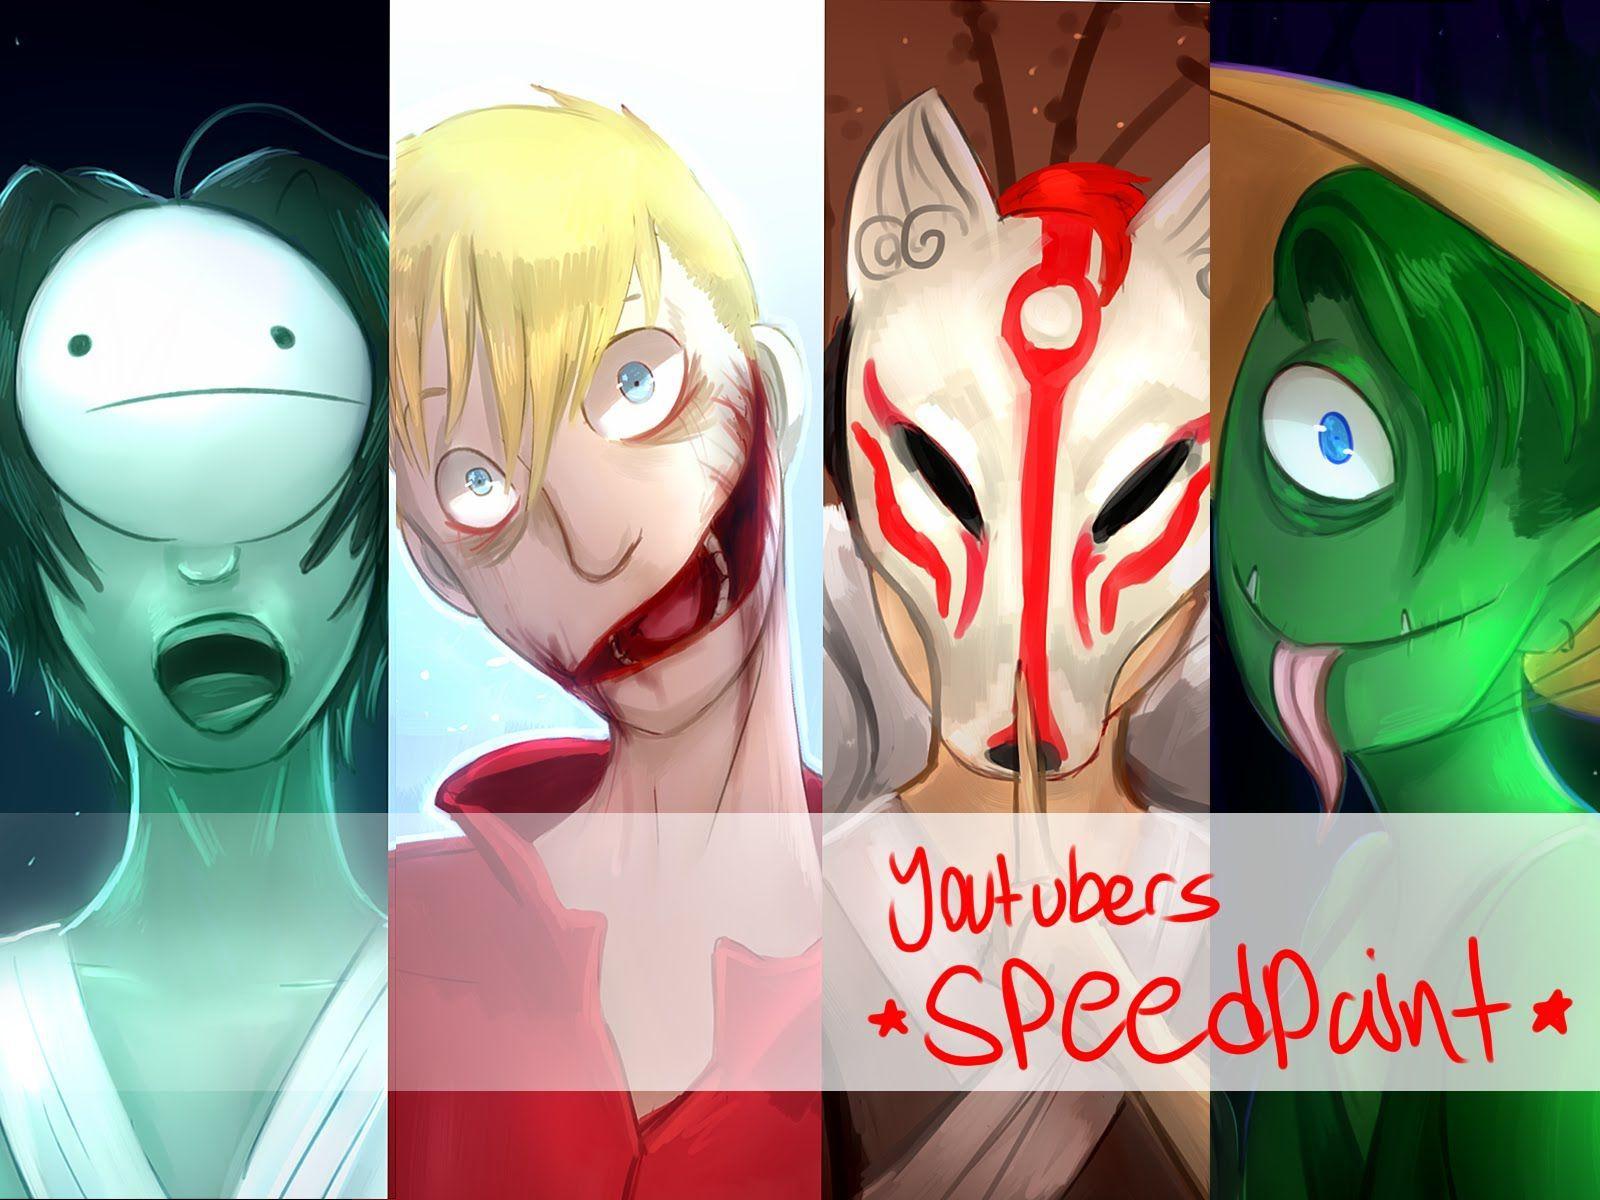 1600x1200 Youtubers speedpaint: الرعب الياباني [الجزء 1]